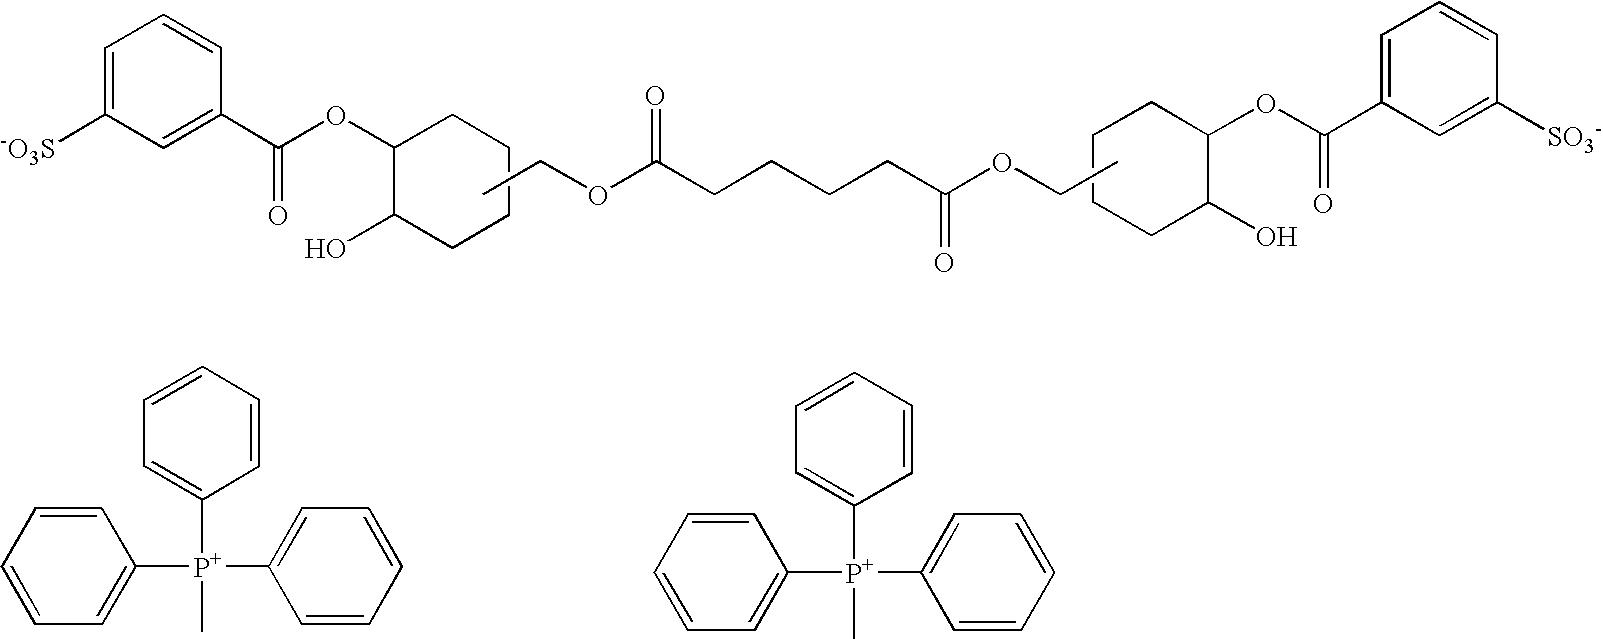 Figure US07534376-20090519-C00010